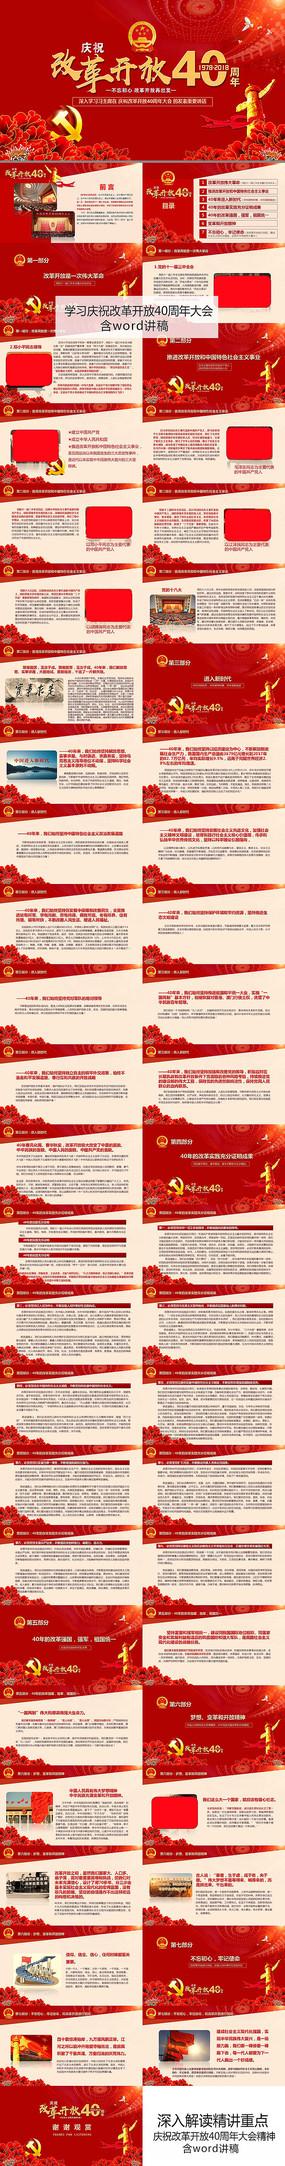 庆祝改革开放40周年大会PPT